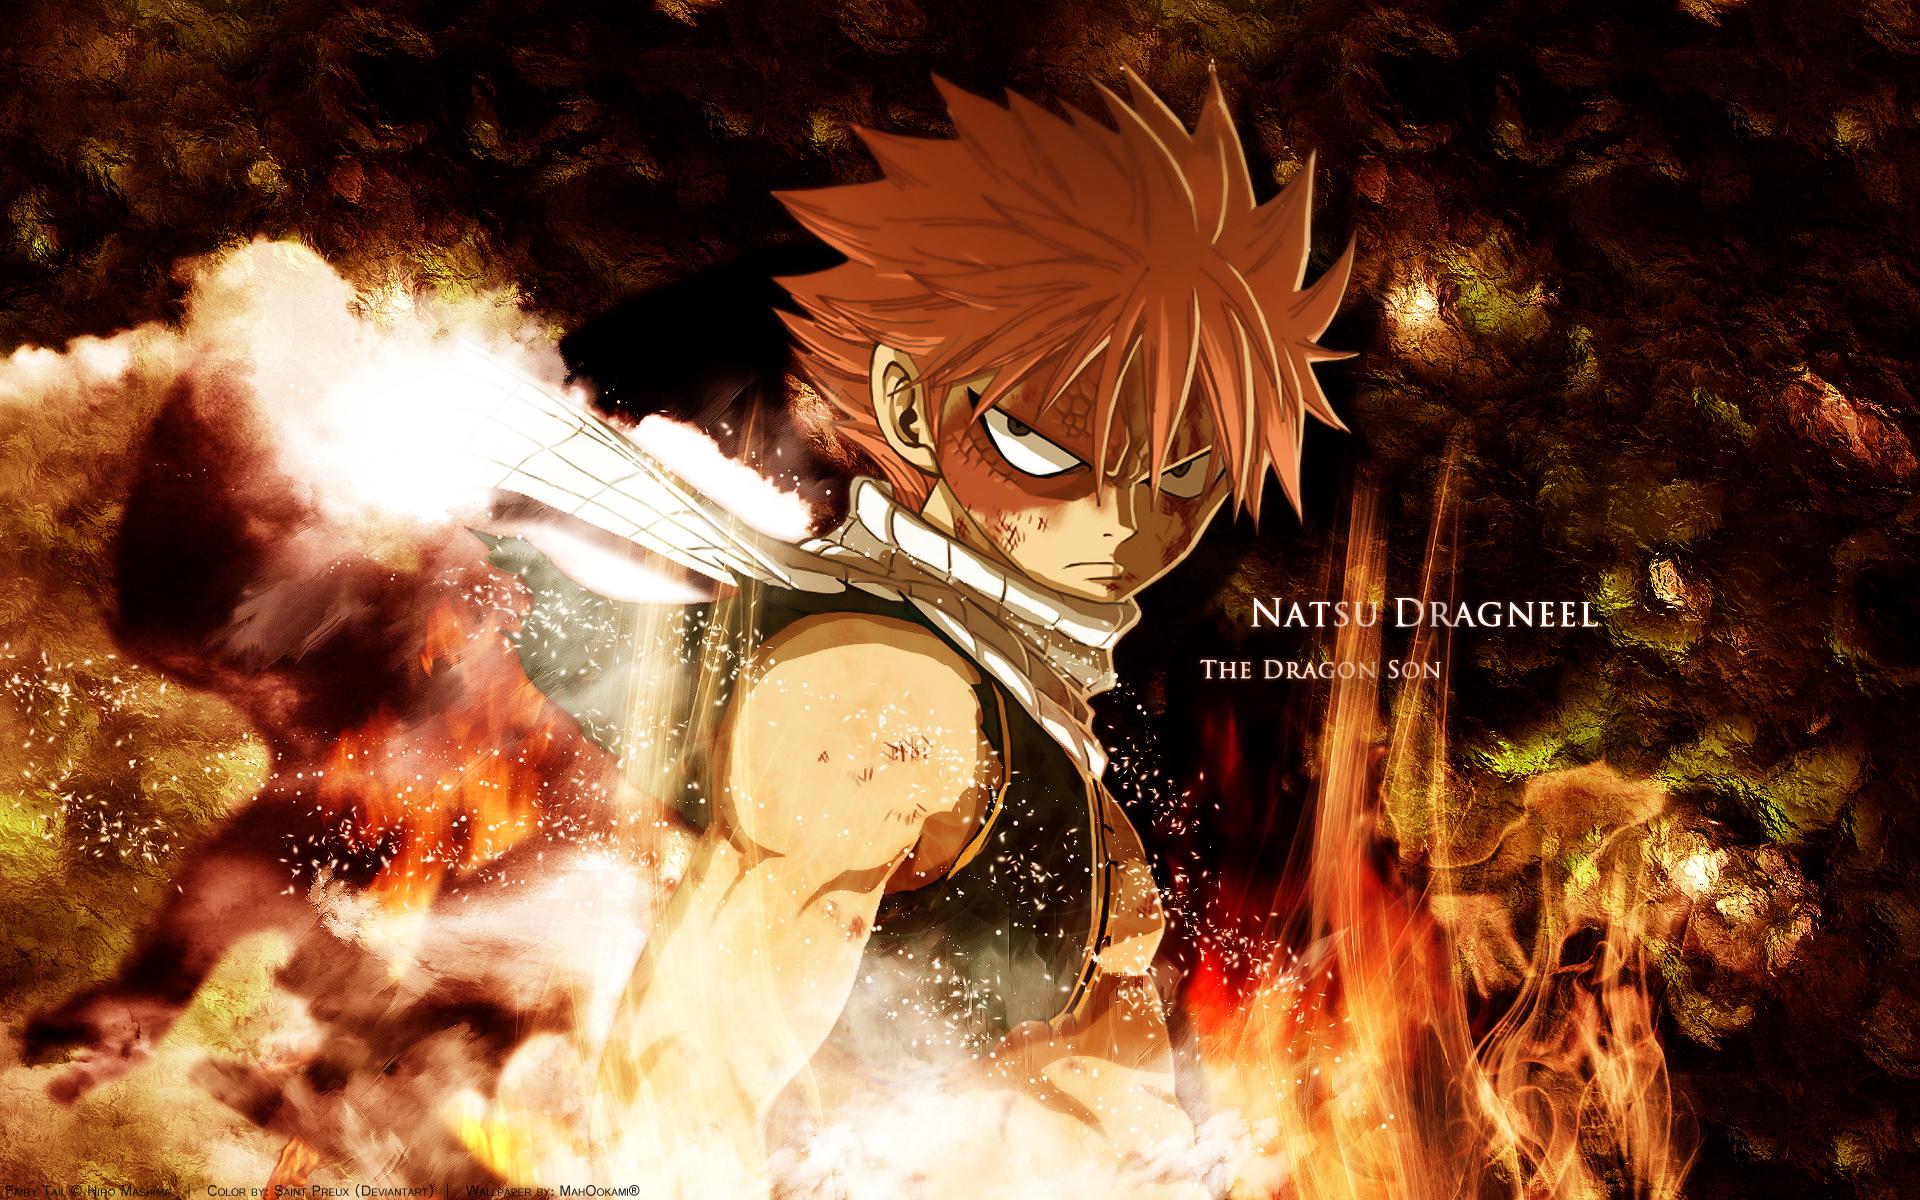 Natsu Dragneel FAIRY TAIL Wallpaper 239191 Zerochan Anime